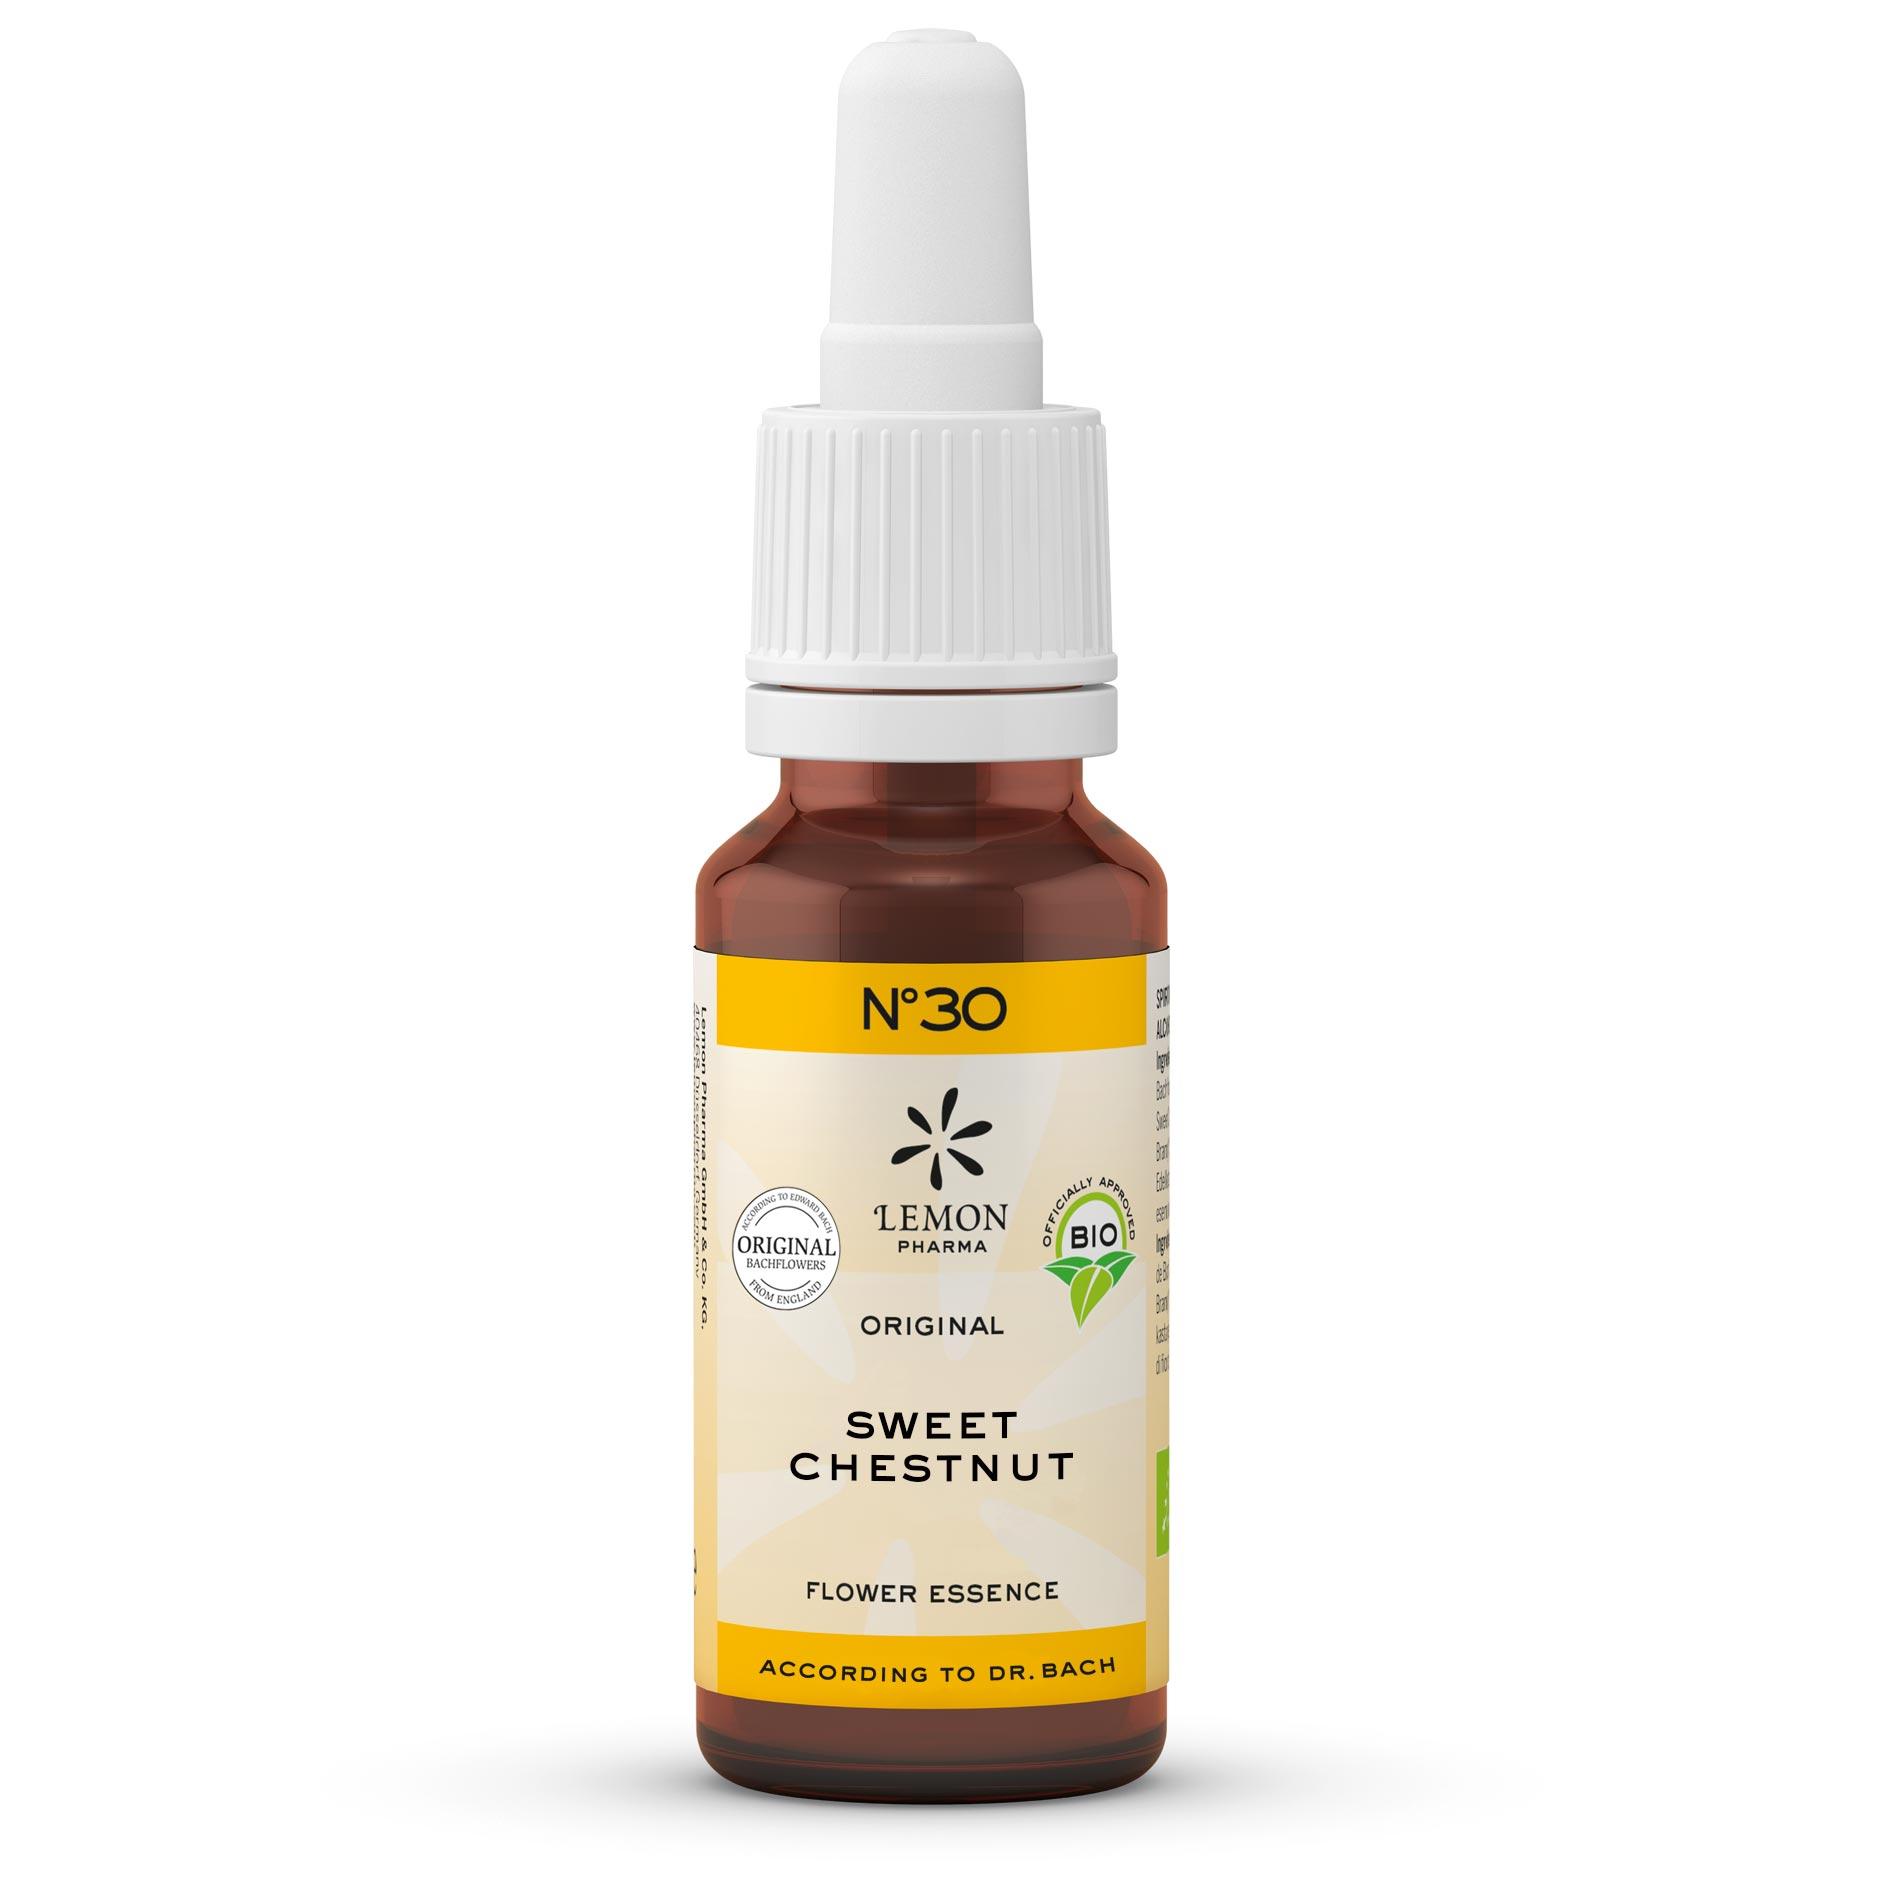 Lemon Pharma Gouttes Fleurs de Bach Original n°30 Sweet Chestnut Châtaignier Stimulation